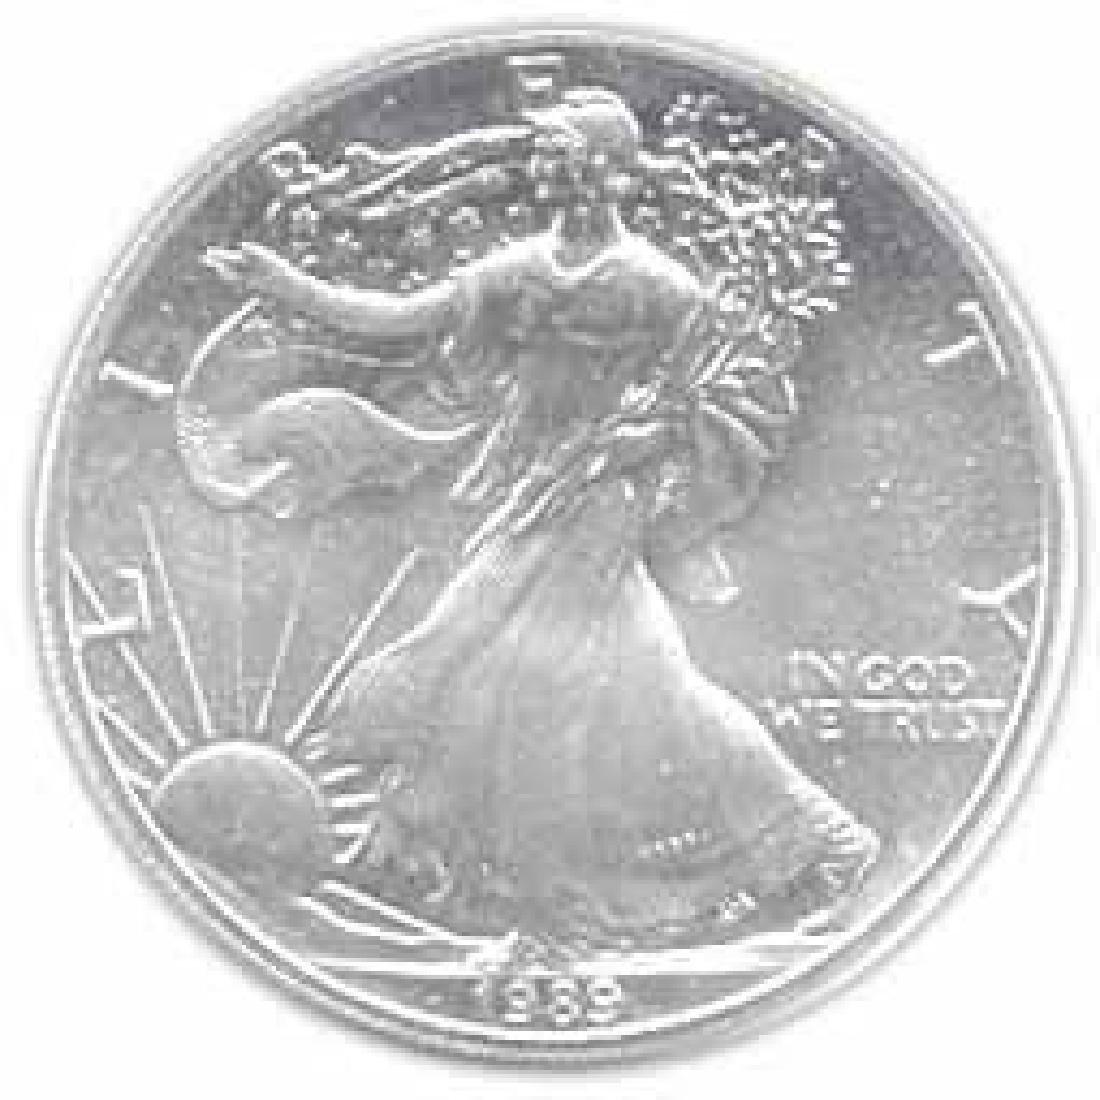 1989 1 oz Silver American Eagle BU